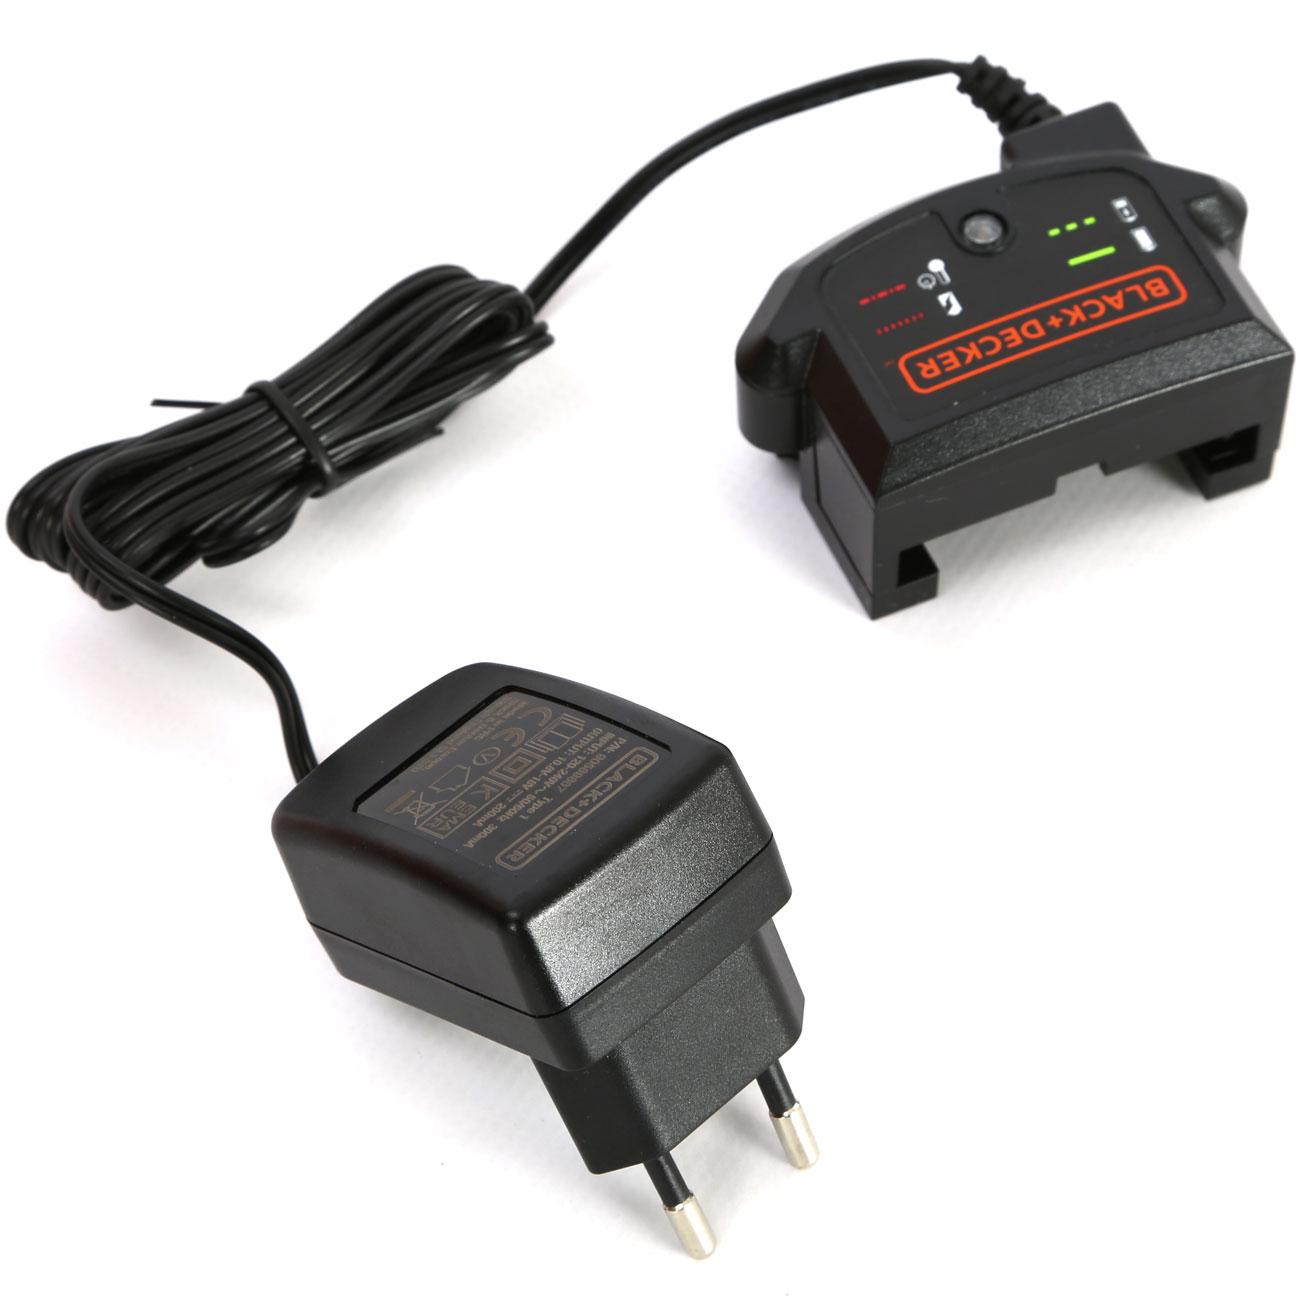 Trapano avvitatore black decker 10 8v bdcd12 qw ebay for Avvitatore a batteria quale scegliere